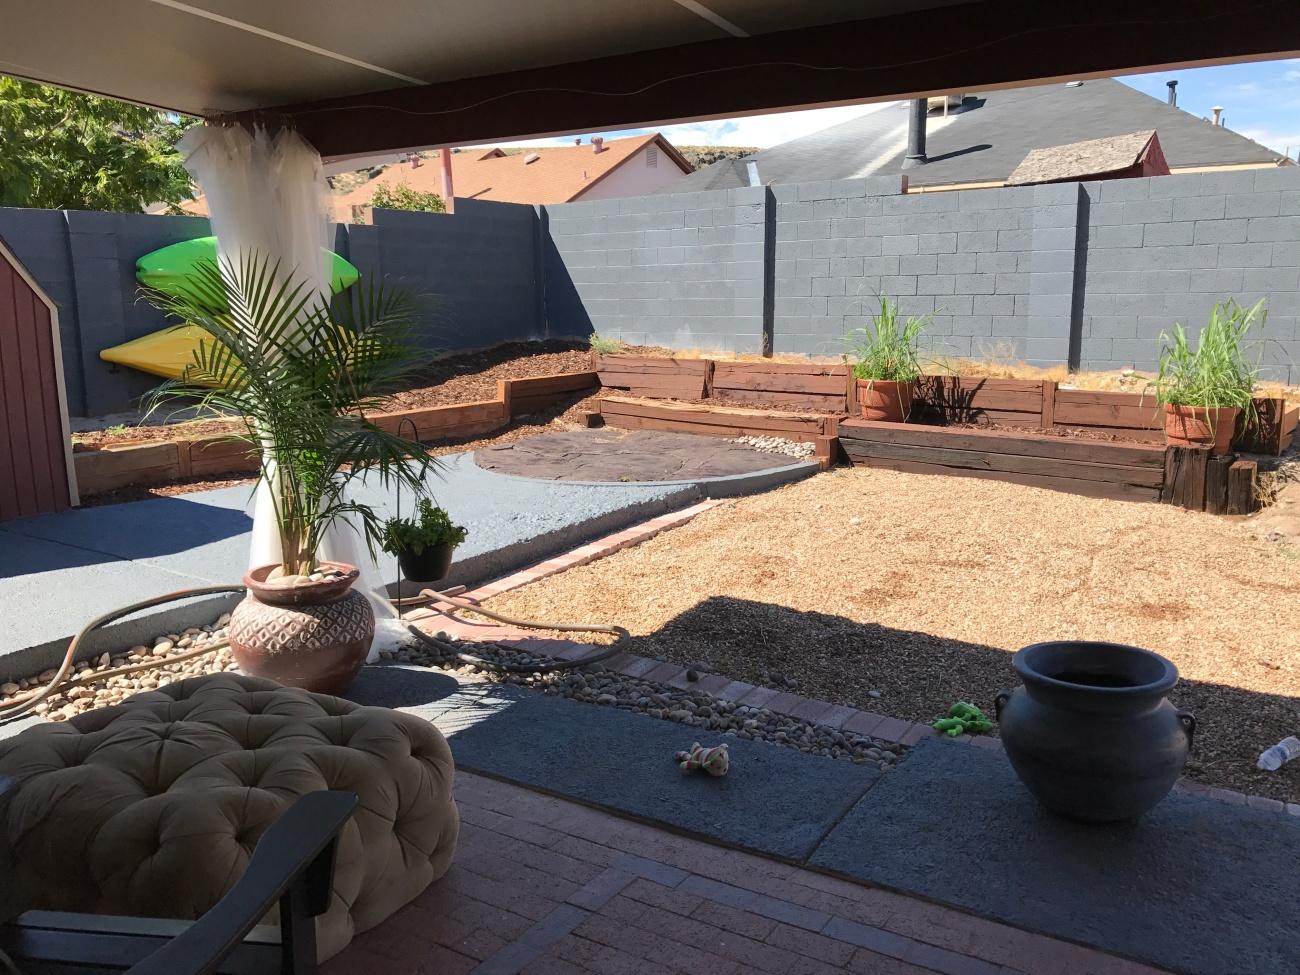 first summer backyard